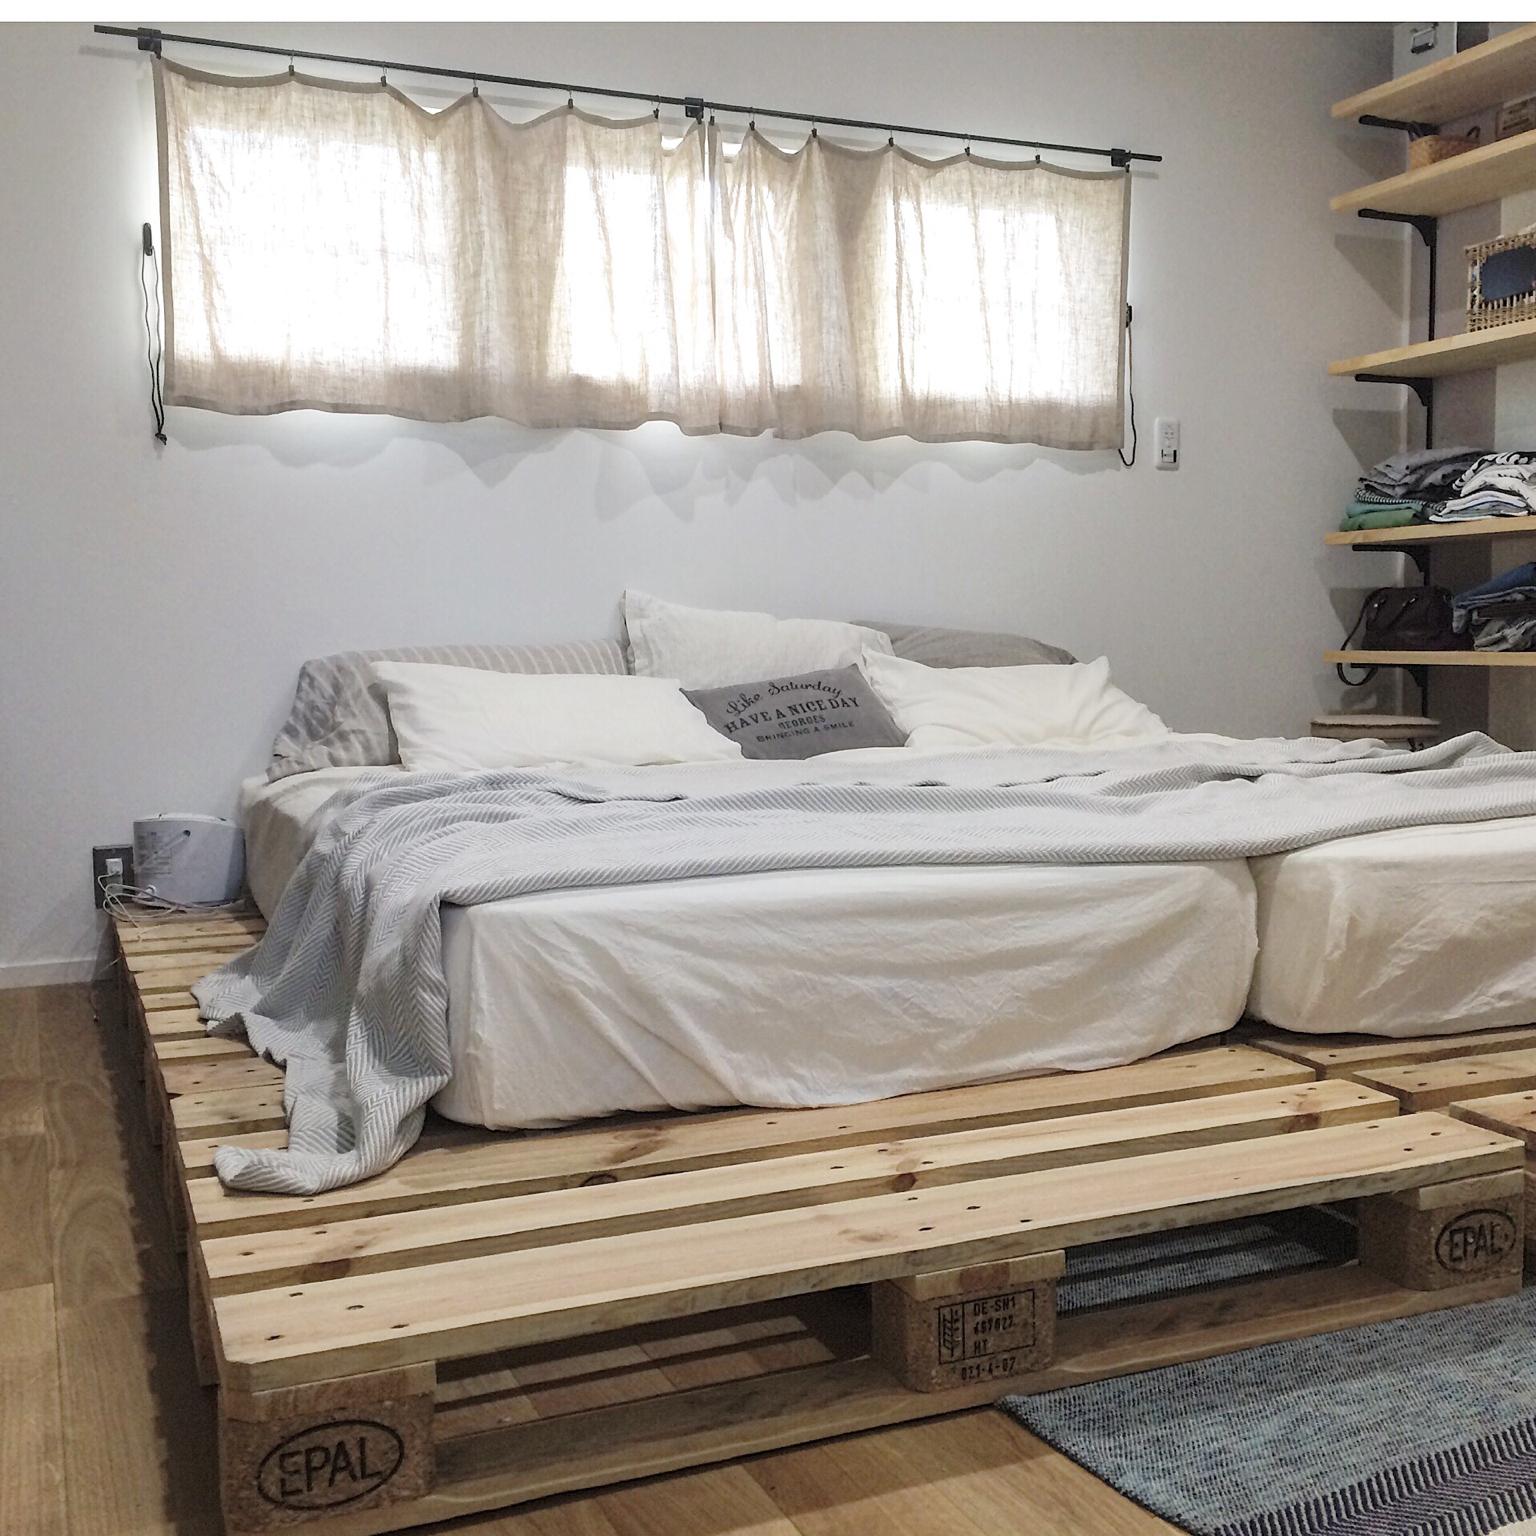 すのこ&パレットでつくるベッドが新鮮!真似したいアイデア10選